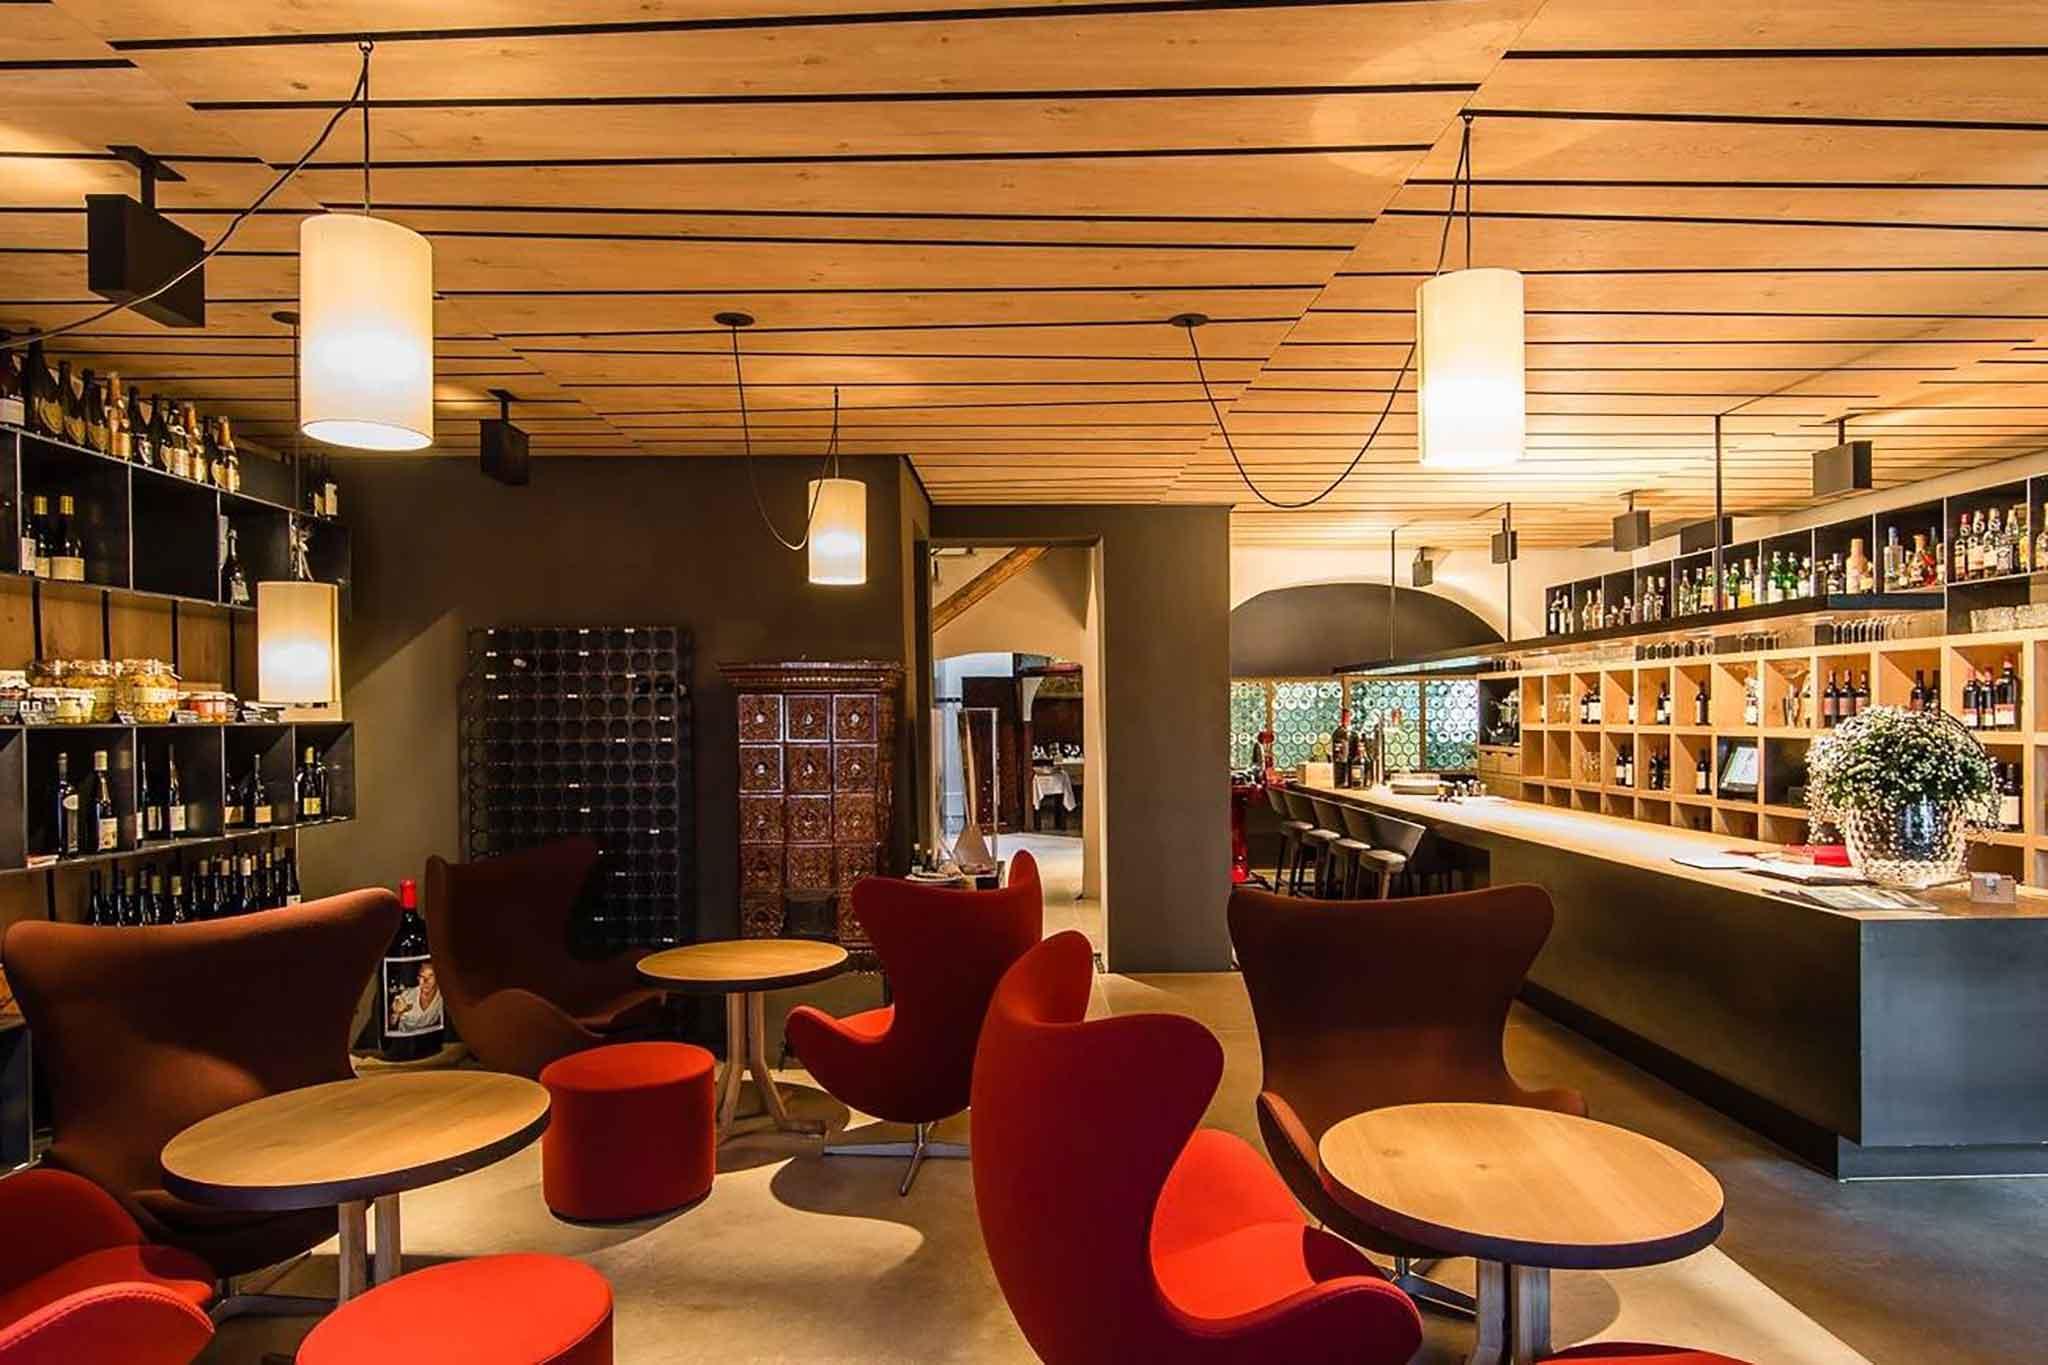 biasion fiori bolzano restaurant - photo#1